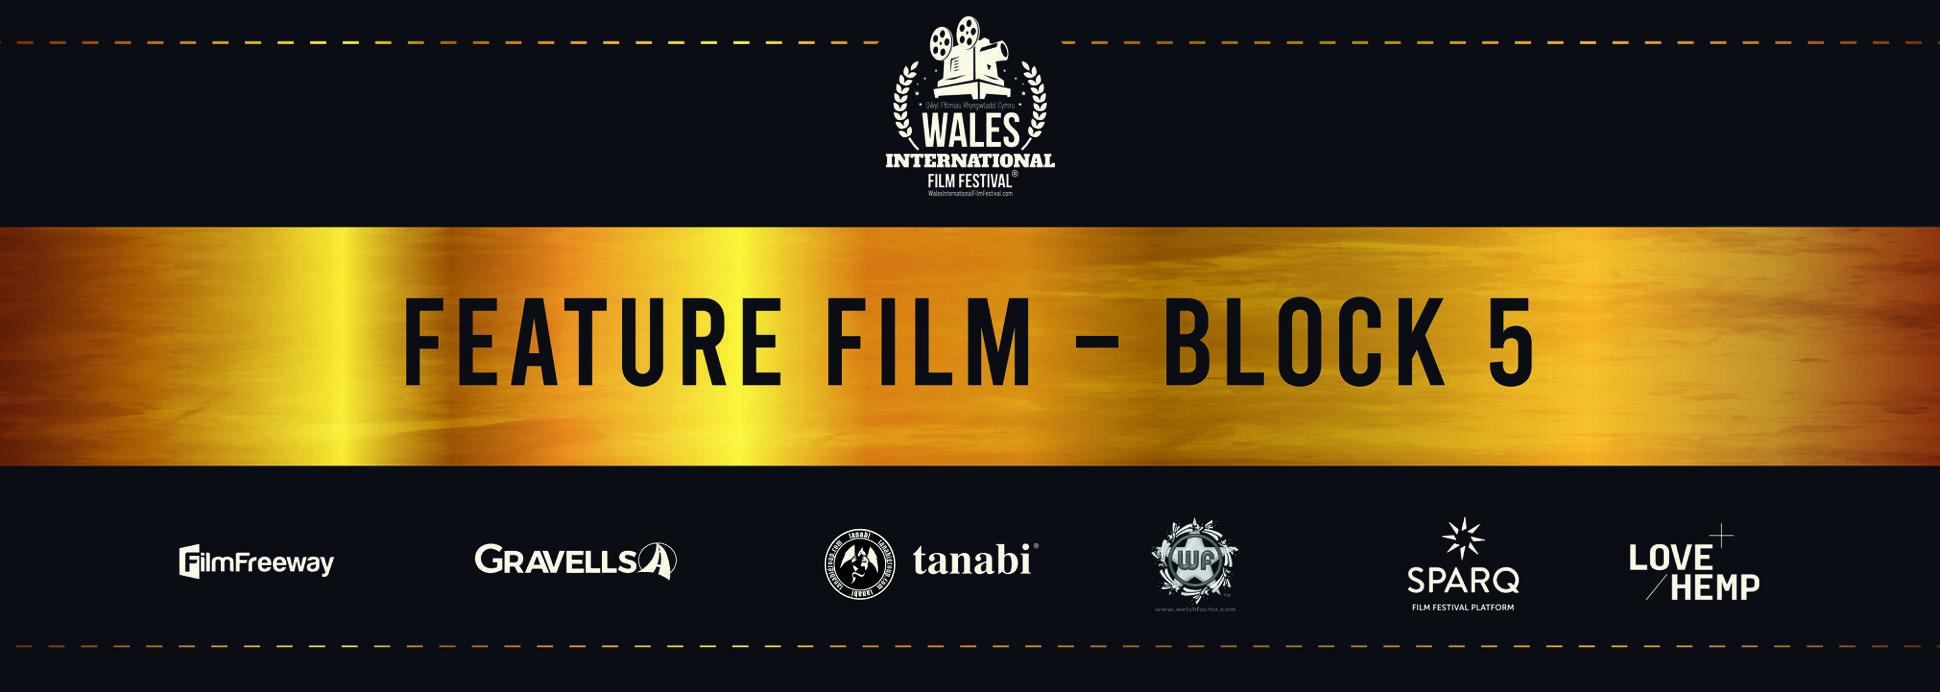 Feature Film - Block 5